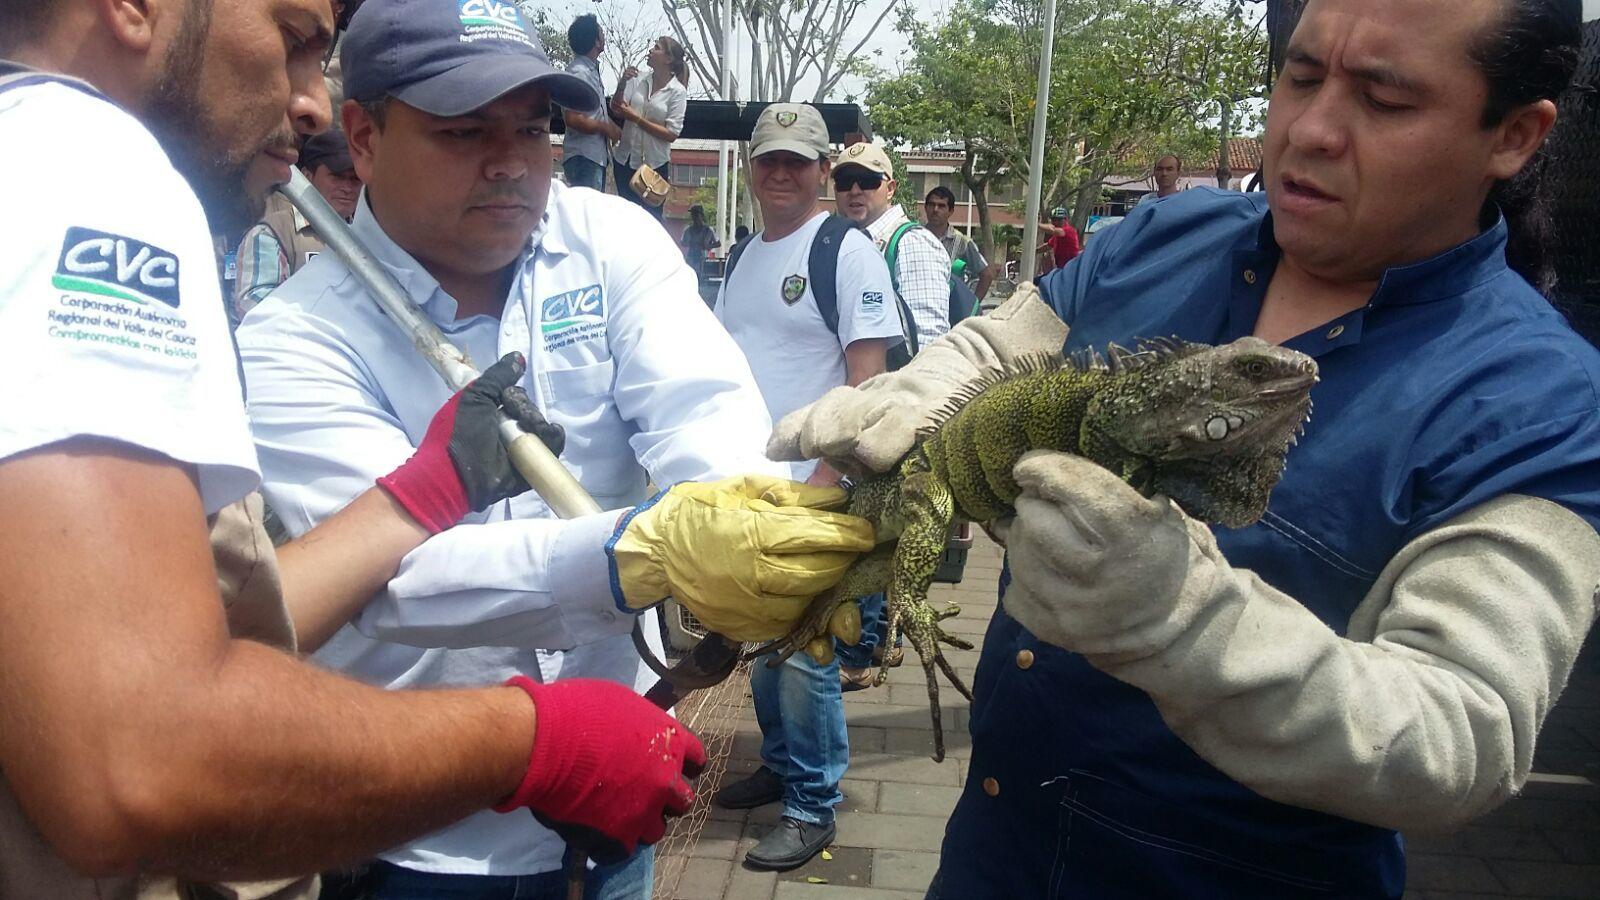 Para salvarlas de morir por la sequía, reubicadas iguanas del Parque Boyacá de Tuluá